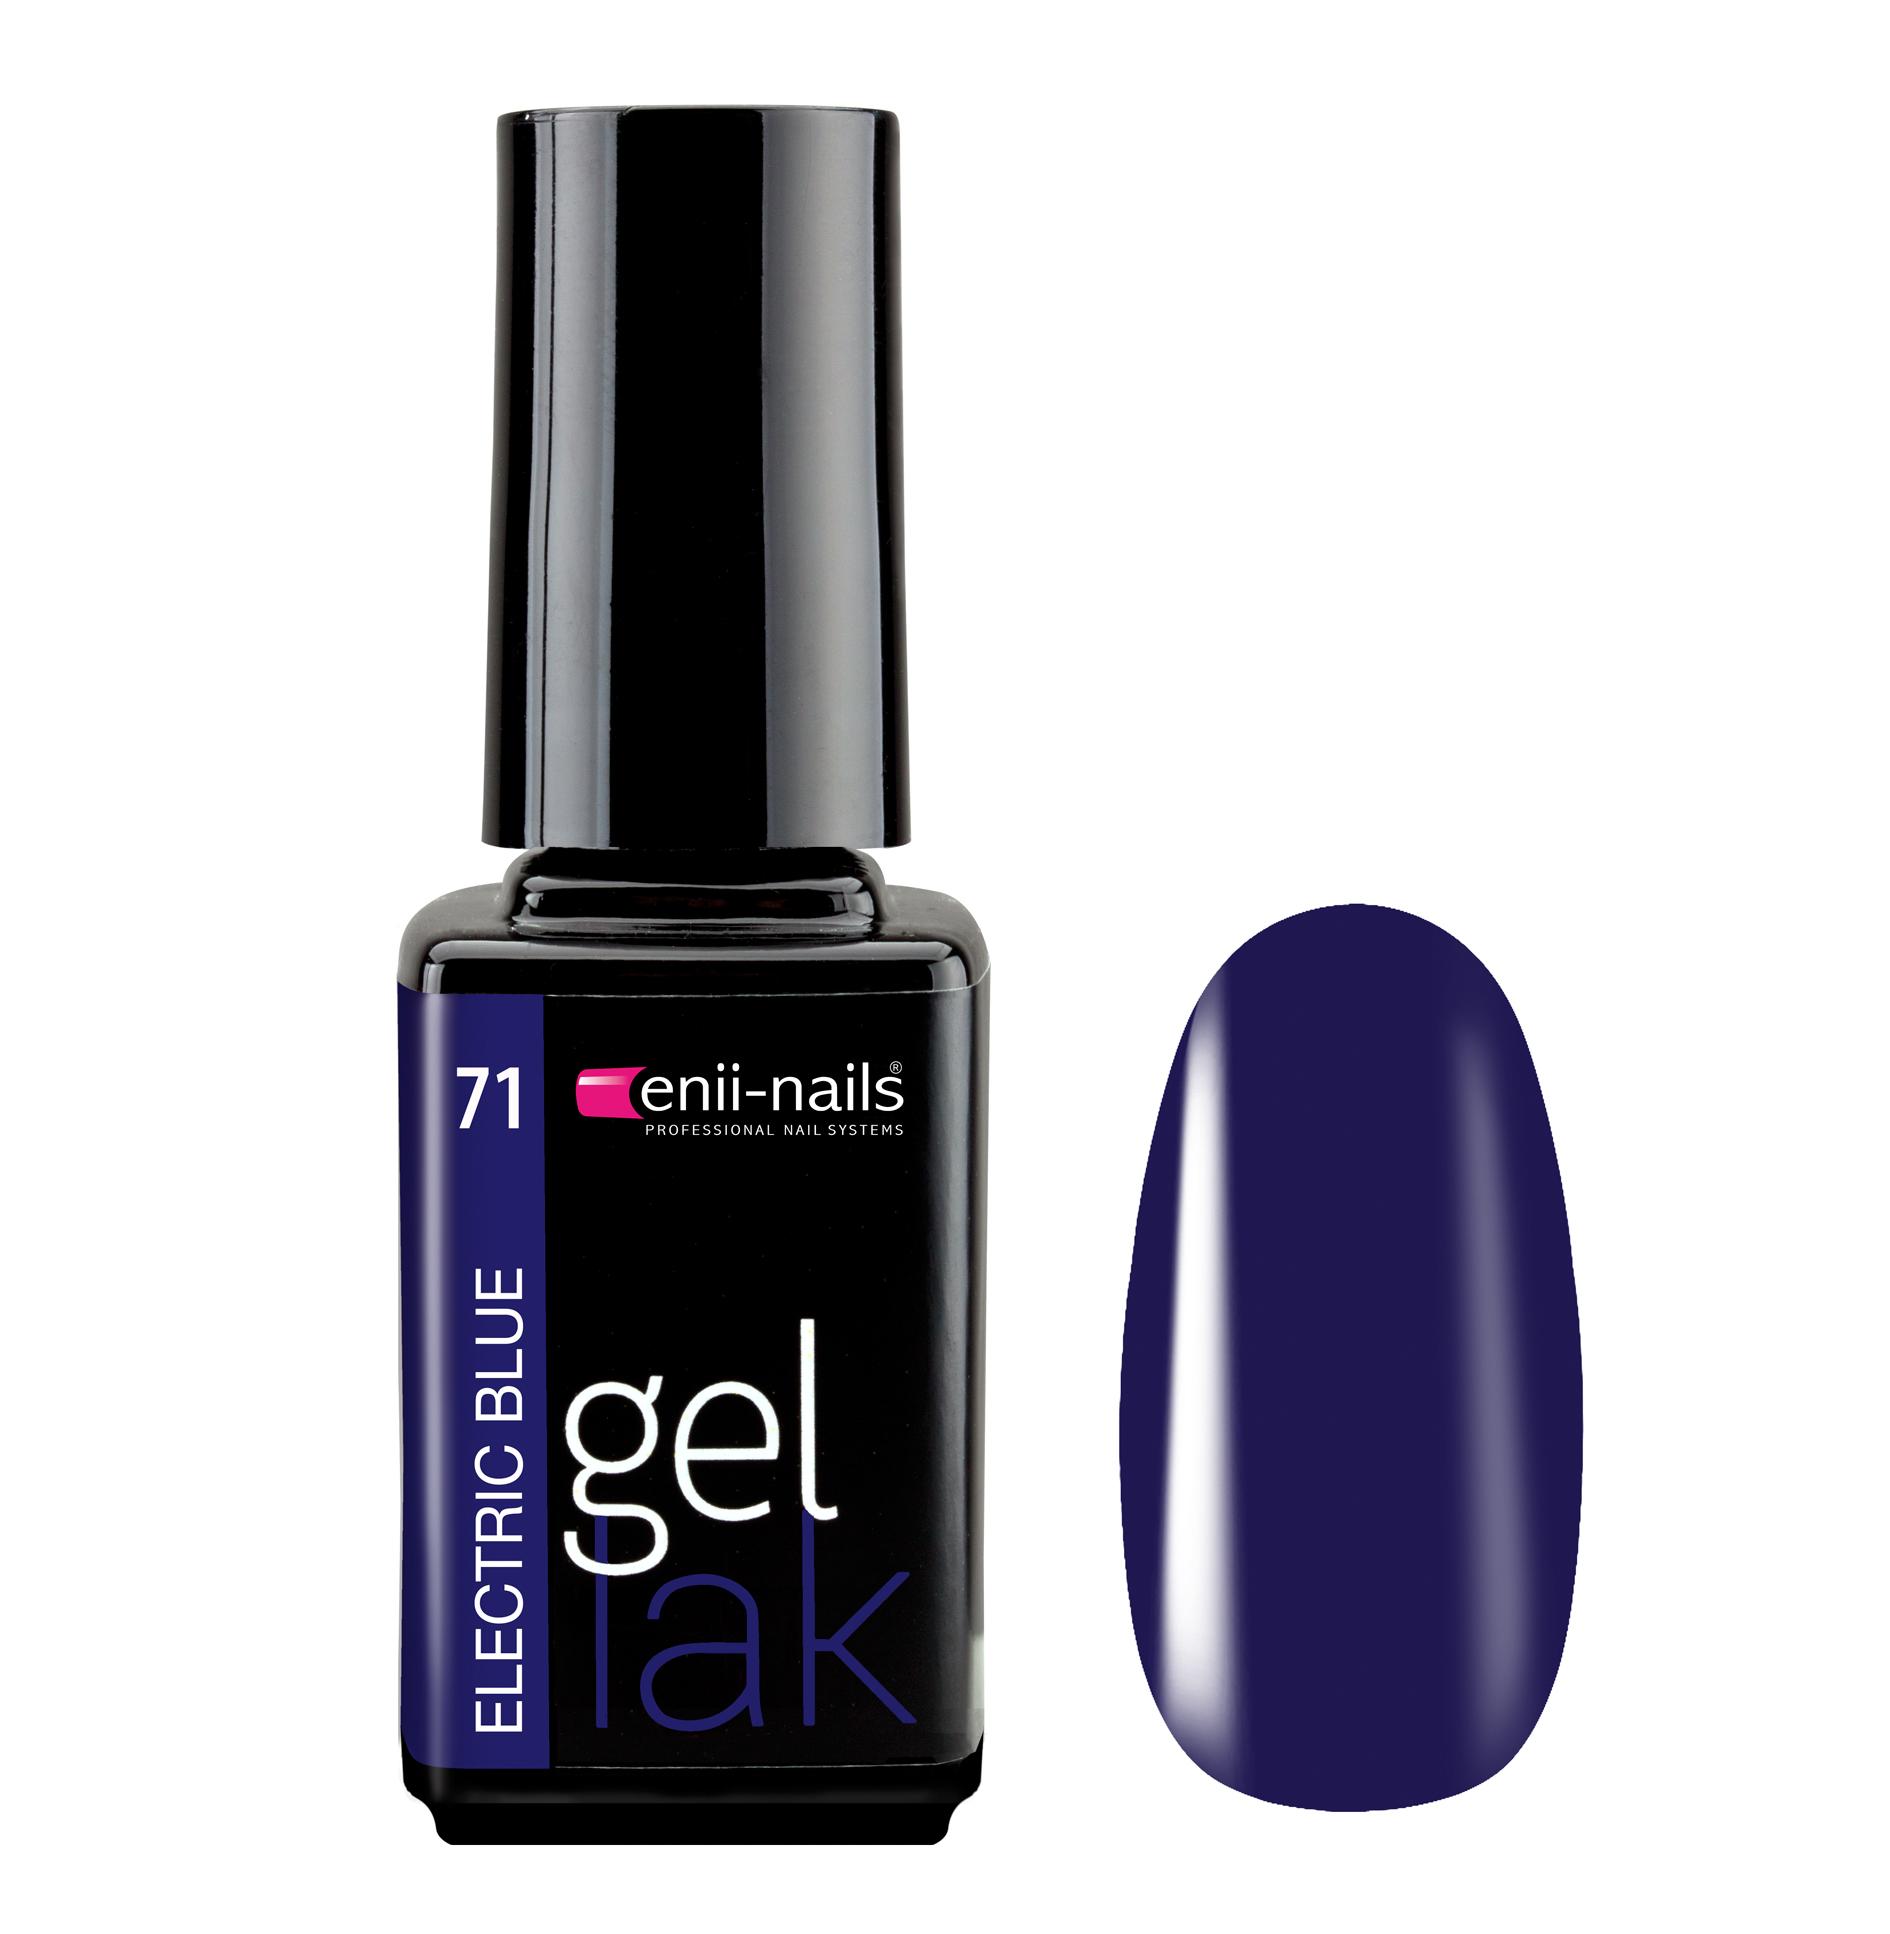 ENII-NAILS Gel lak Electric Blue 5 ml